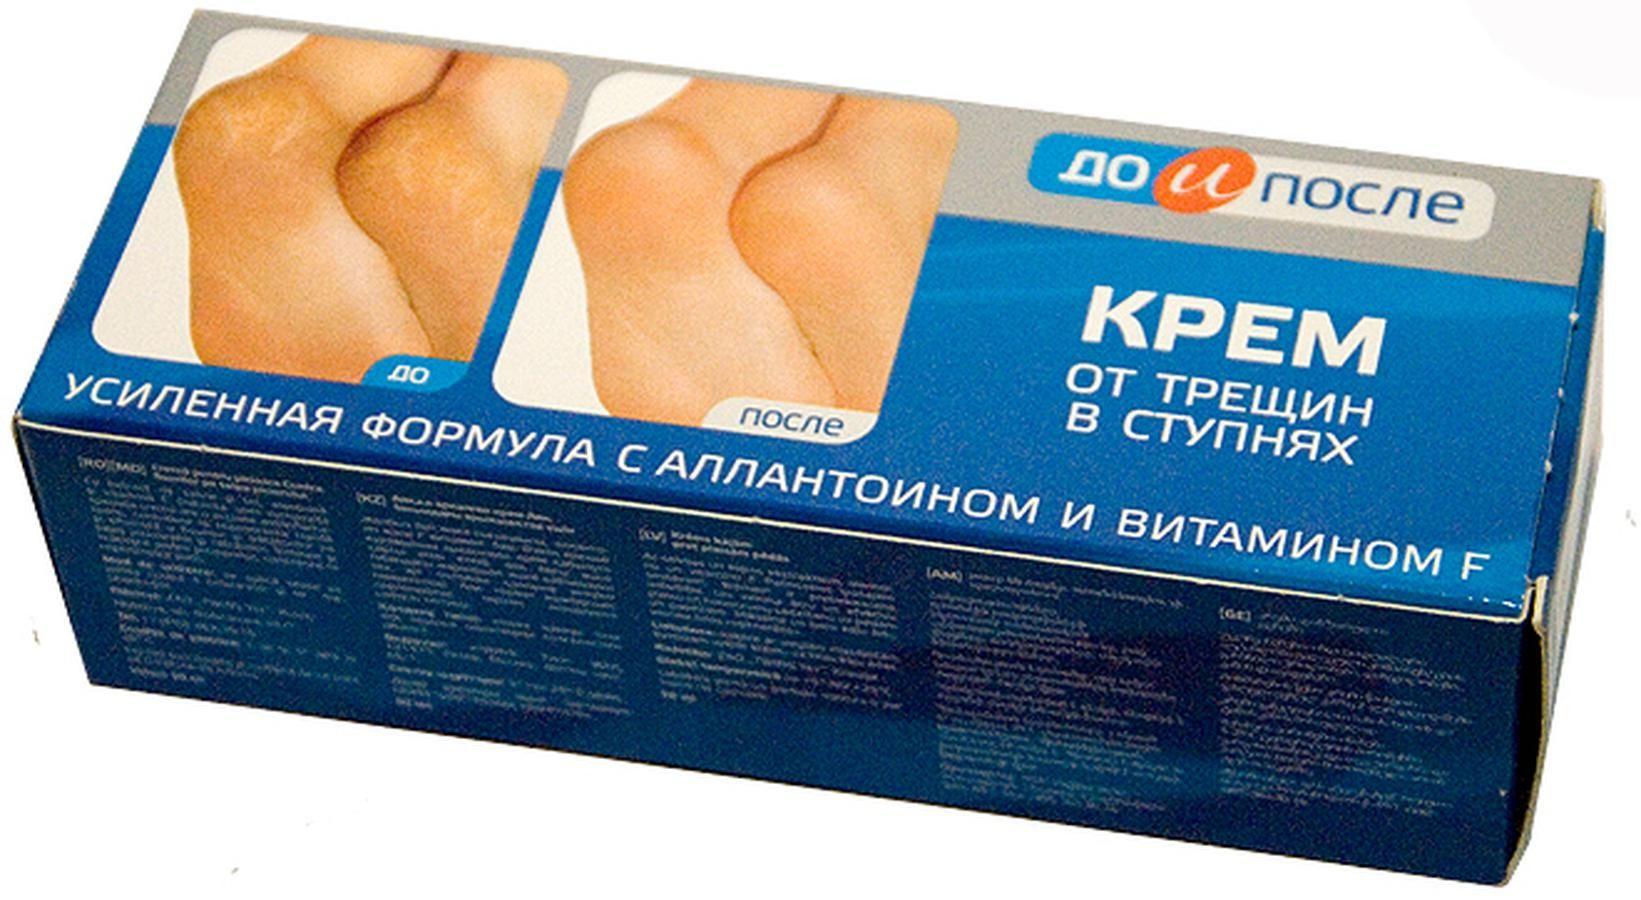 Kem trị nứt gót chân Nga Kpem Apteka vitamin F 50ml 3